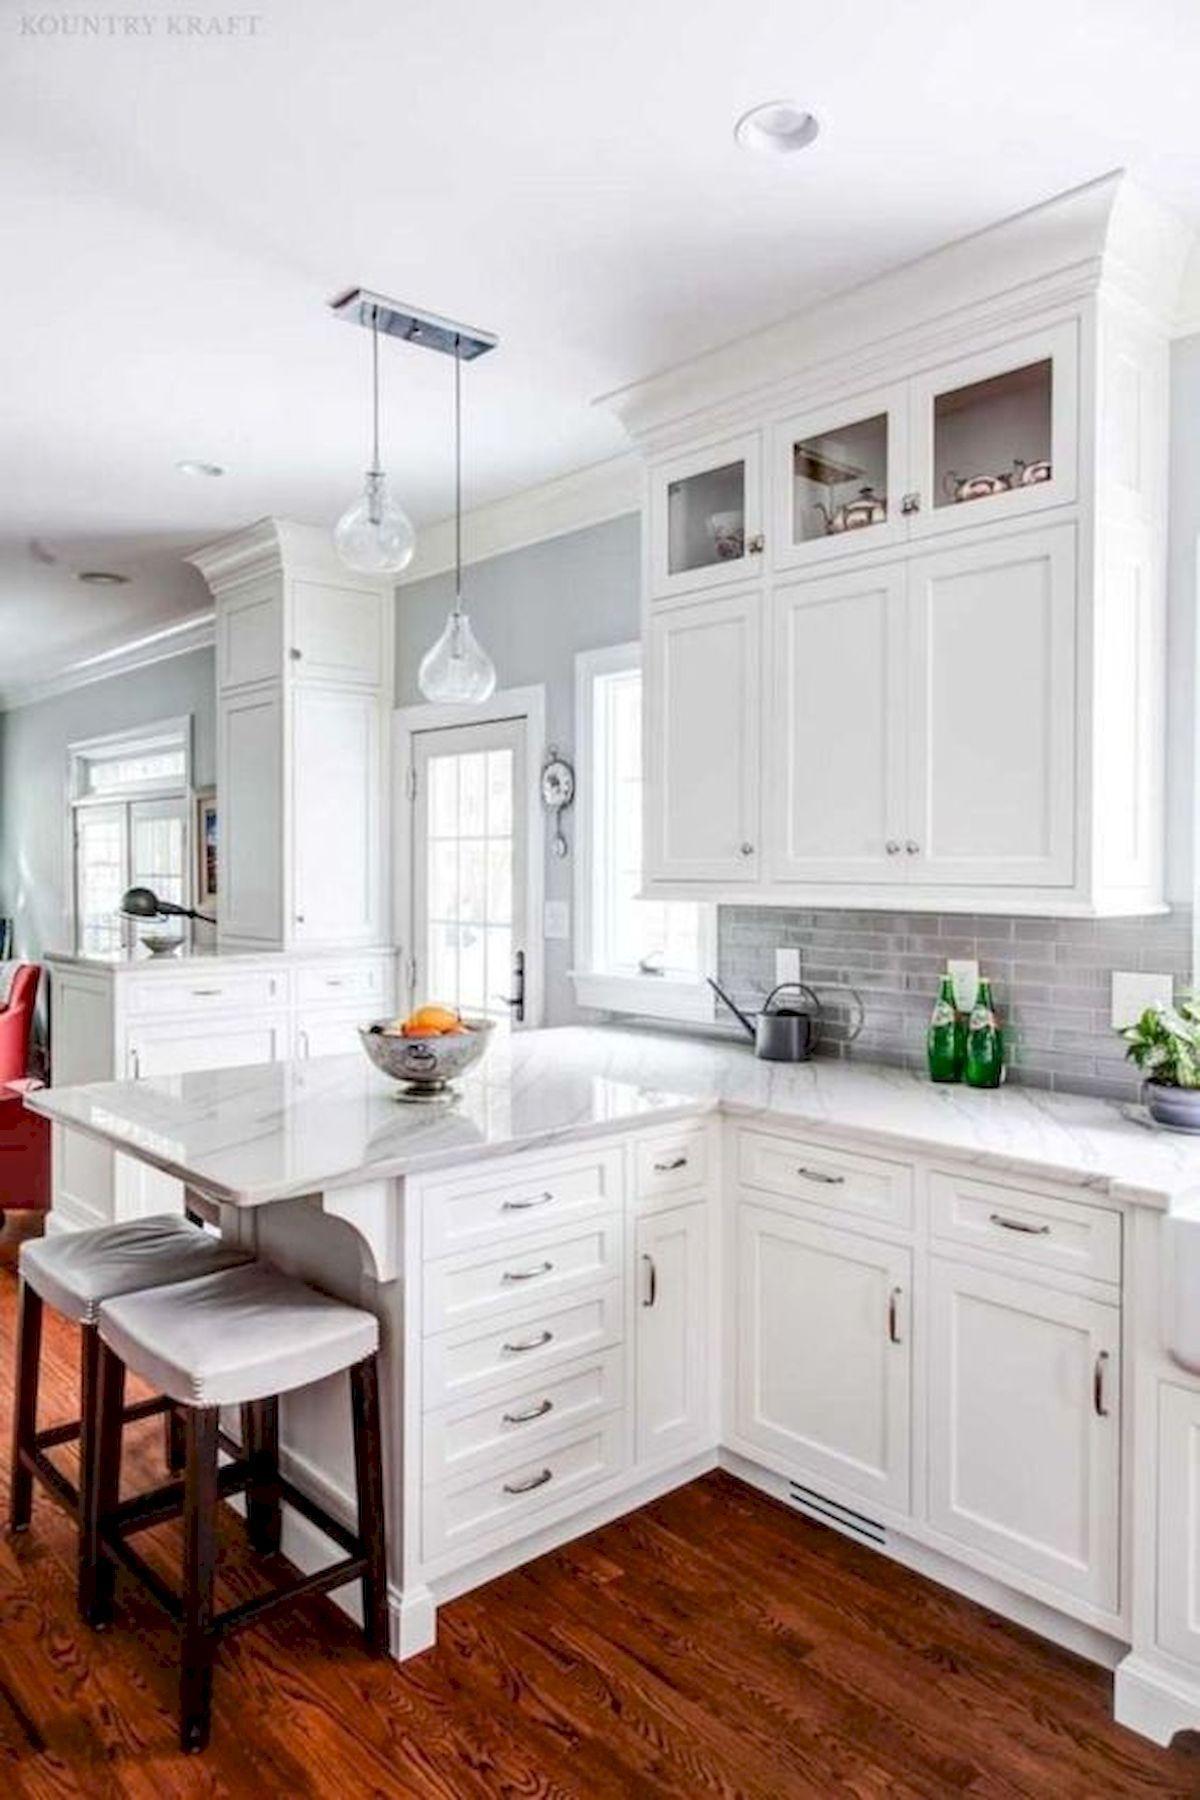 9 Best Kitchen Cabinets Design Ideas To Inspiring Your Kitchen ...